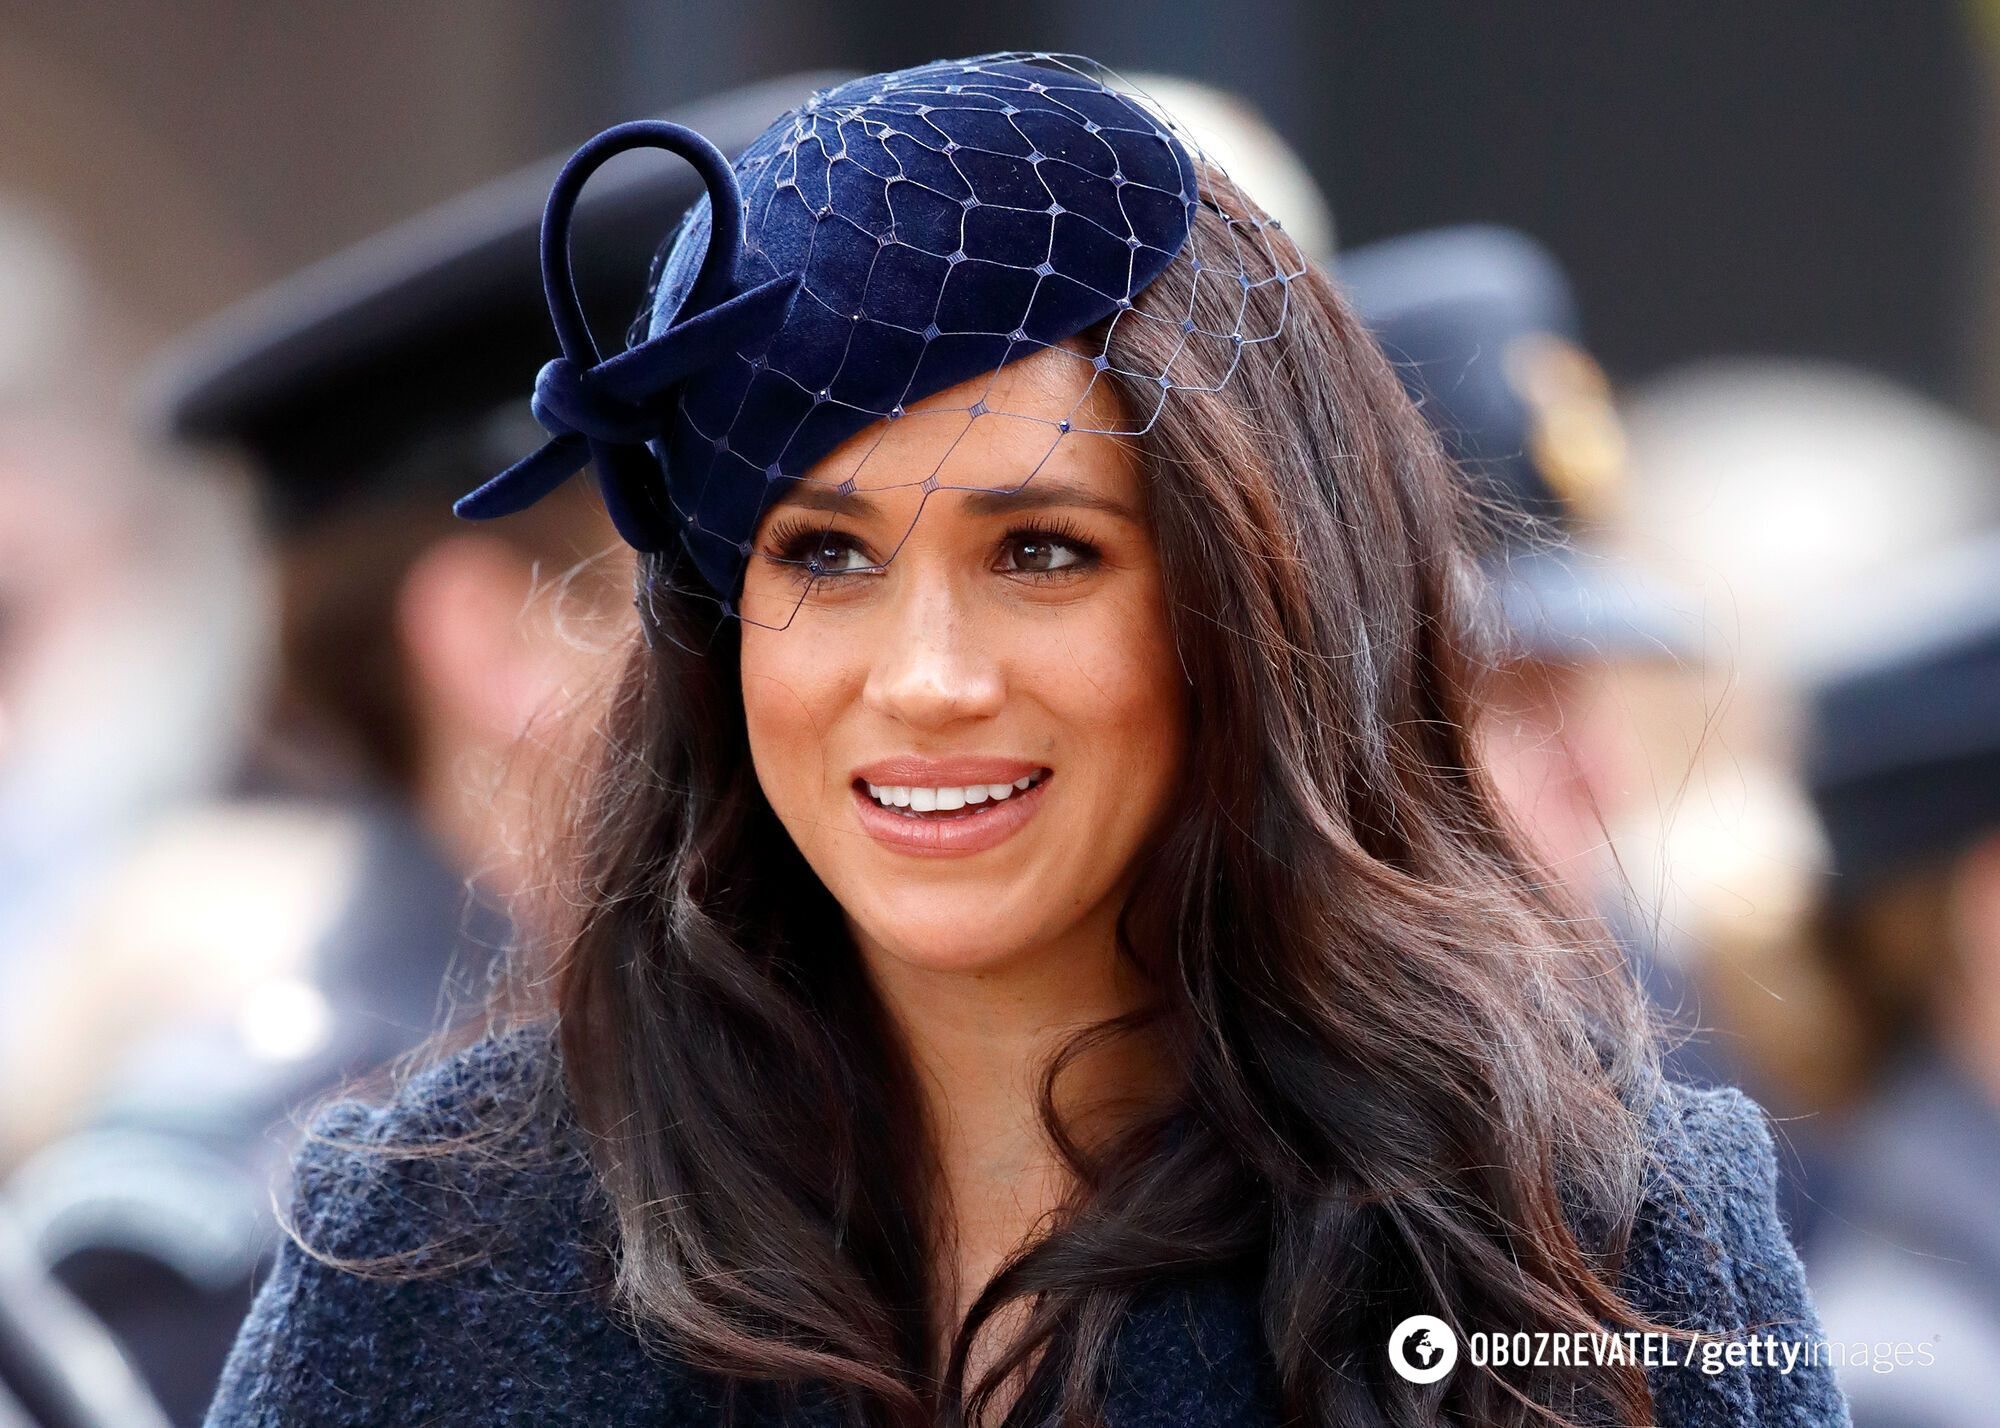 Дружина принца Гаррі Меган Маркл.